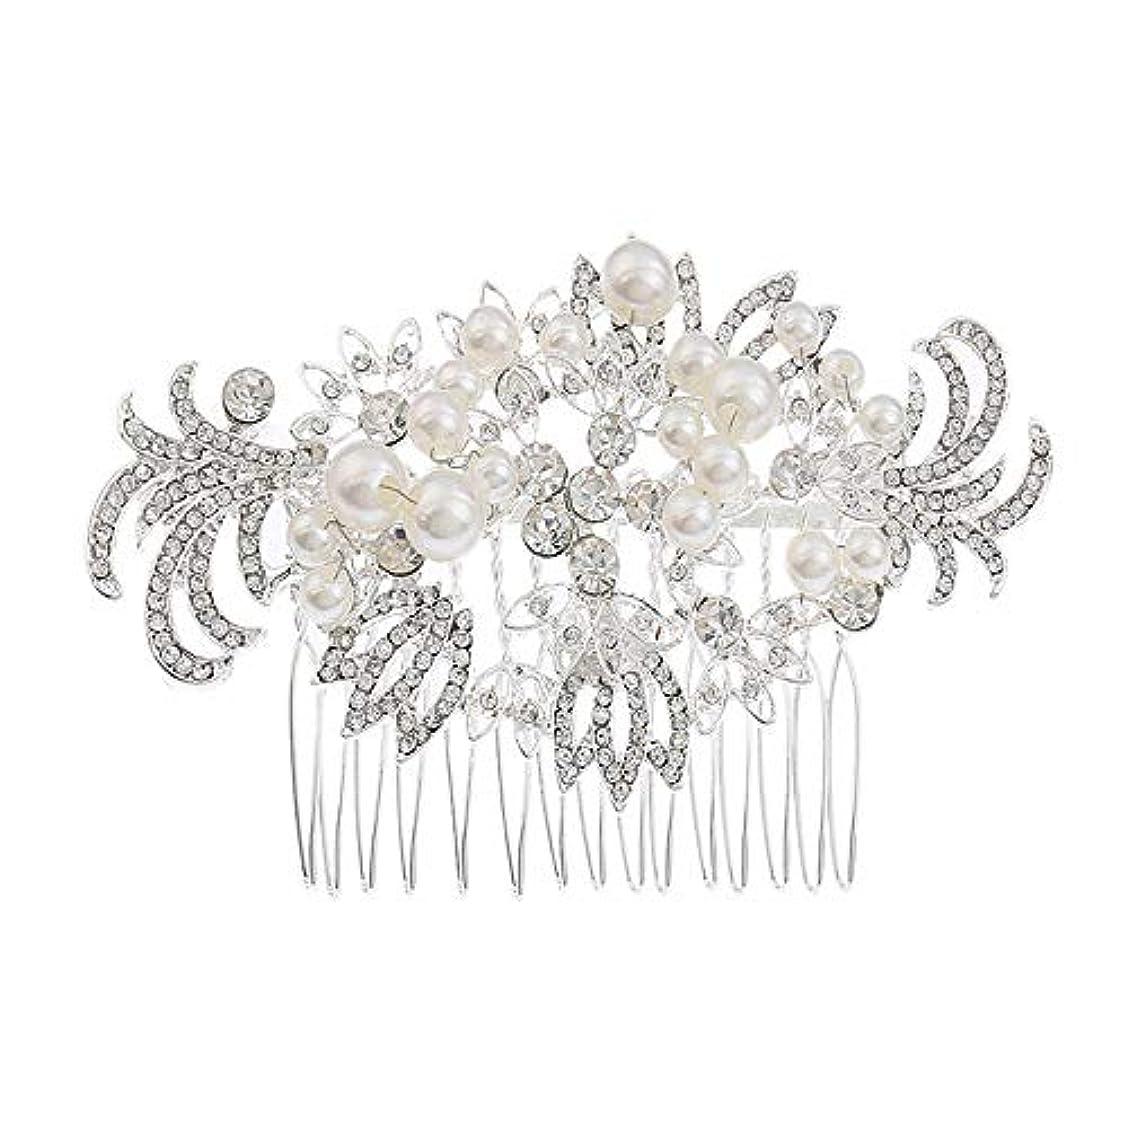 上昇売り手スズメバチ髪の櫛挿入櫛花嫁の髪櫛真珠の髪の櫛ラインストーンの髪の櫛結婚式のヘアアクセサリー合金の帽子ブライダルヘッドドレス